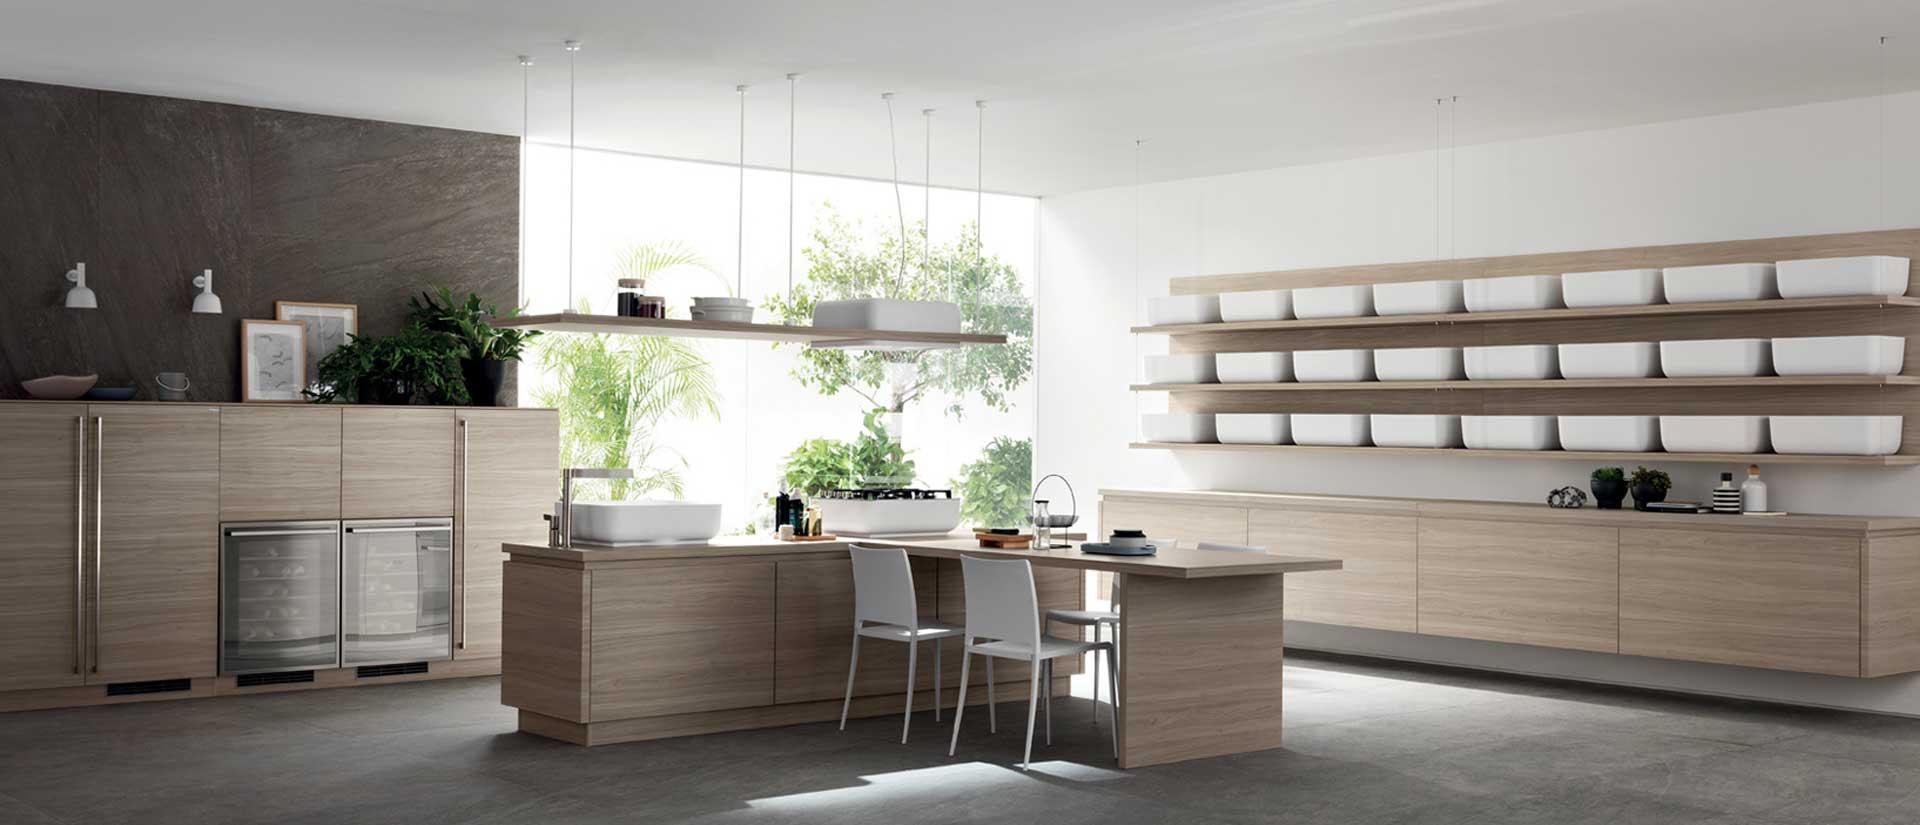 Best Cucine Scavolini Basic Ideas - Design & Ideas 2017 - candp.us